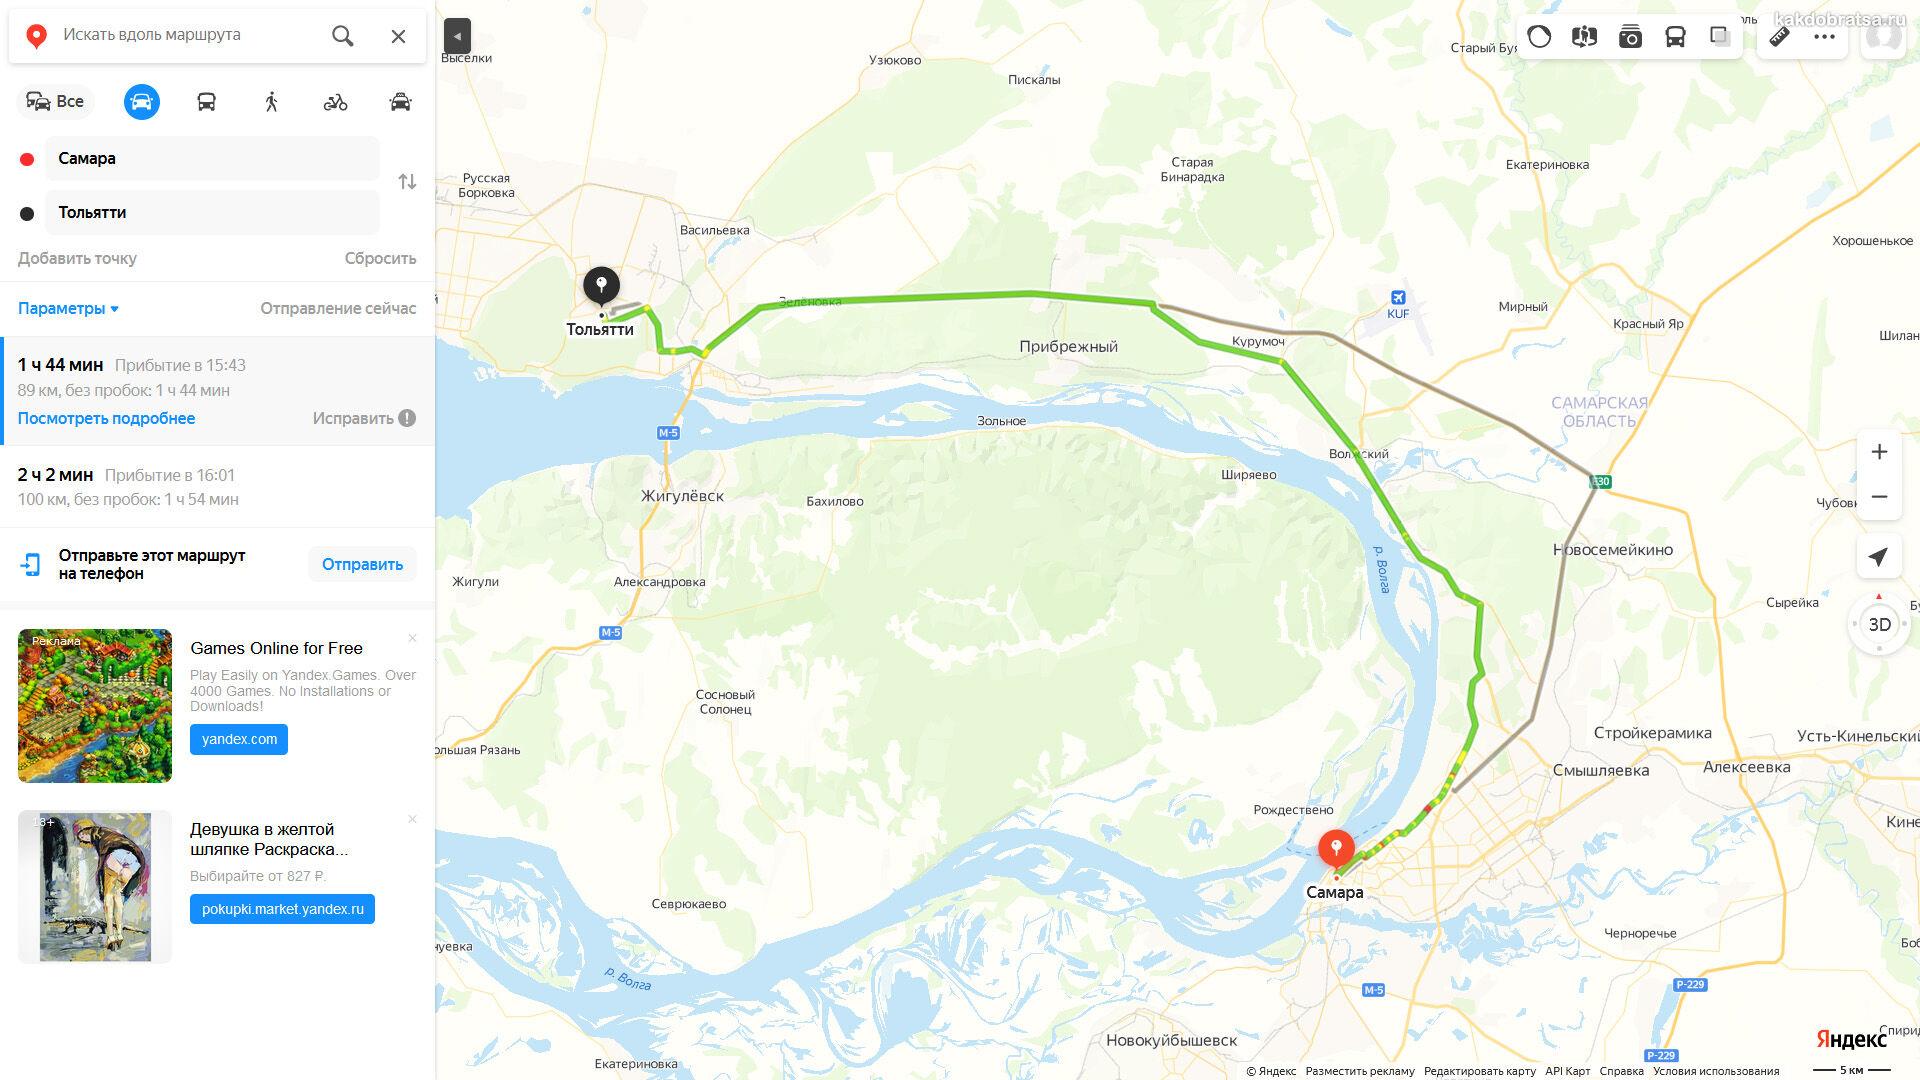 Сколько километров между Тольятти и Самарой по карте